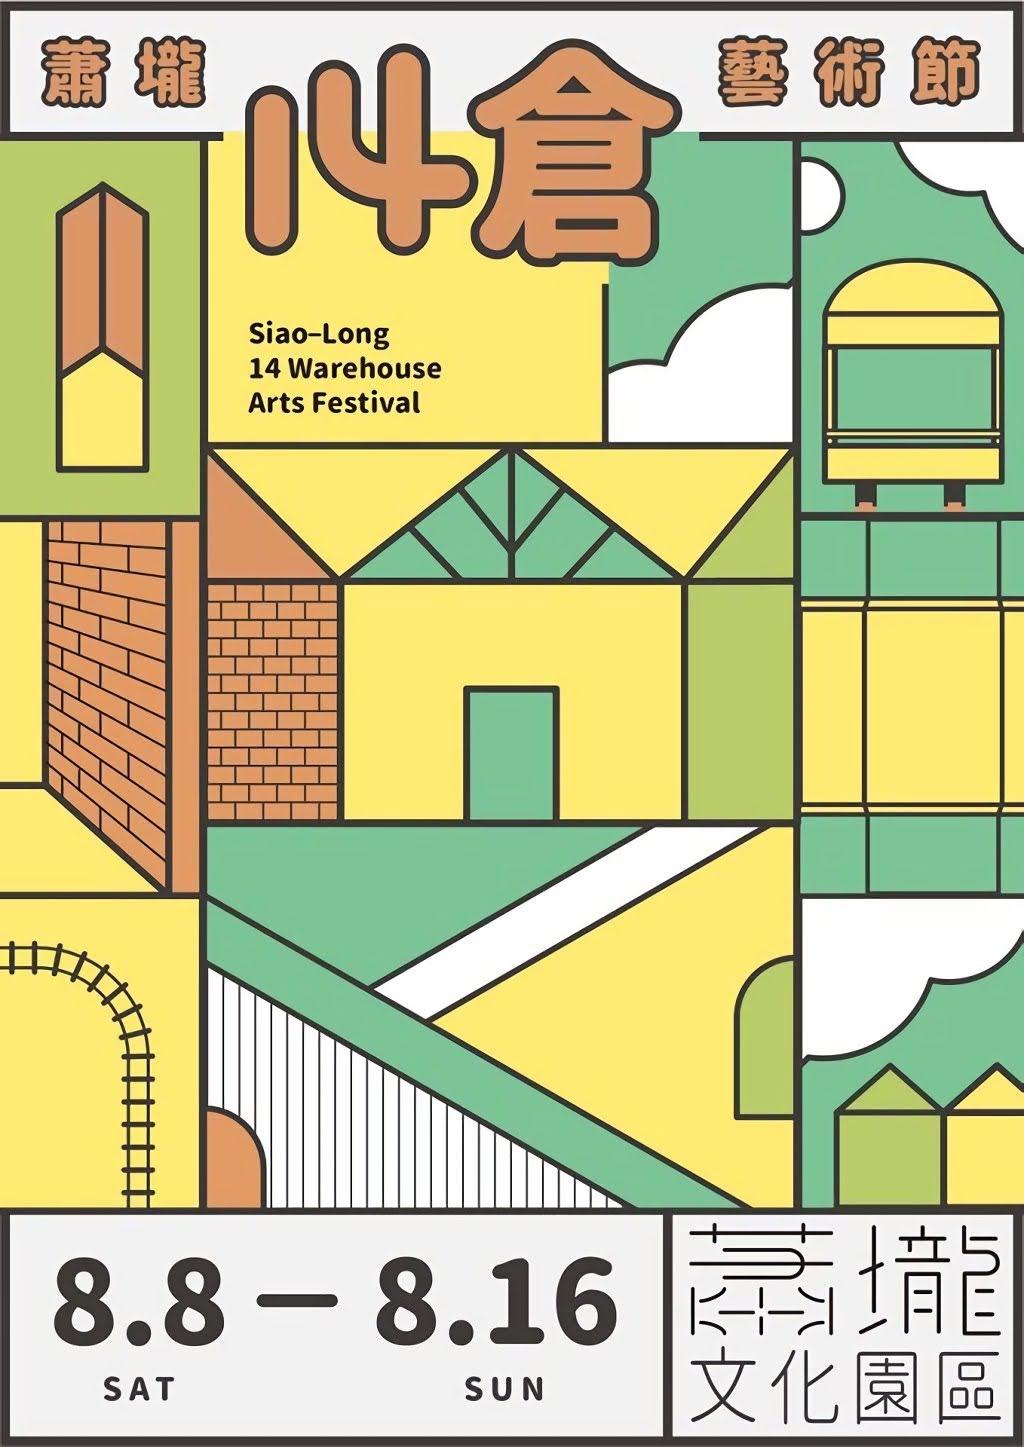 2020年「蕭壠14倉藝術節」|免費入園×親水公園已開噴|活動